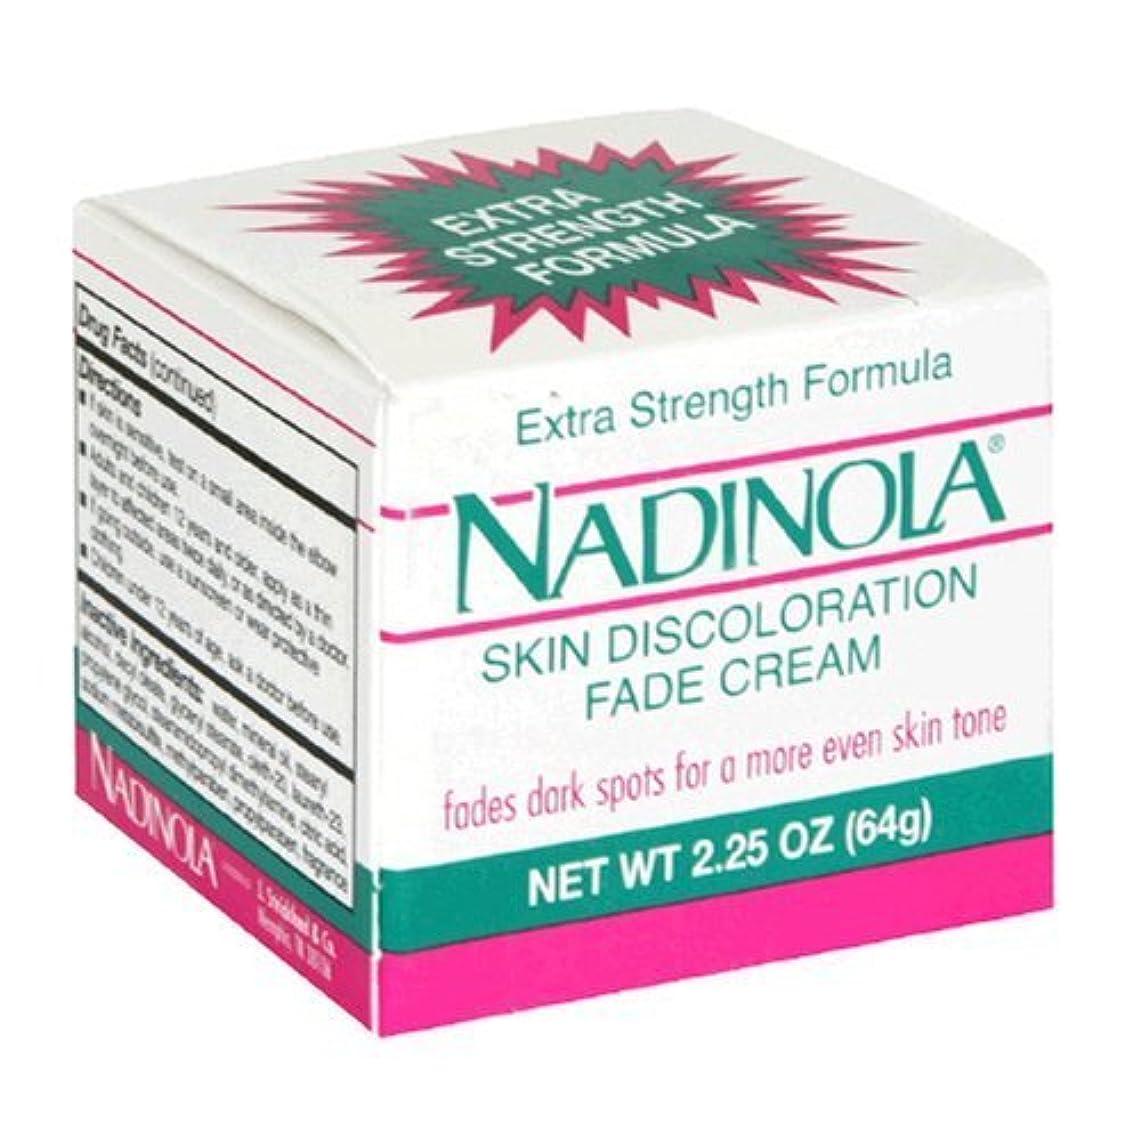 明らか評価可能迫害する【海外直送】NADINOLA 強力美白クリーム (64g)ナディノラ